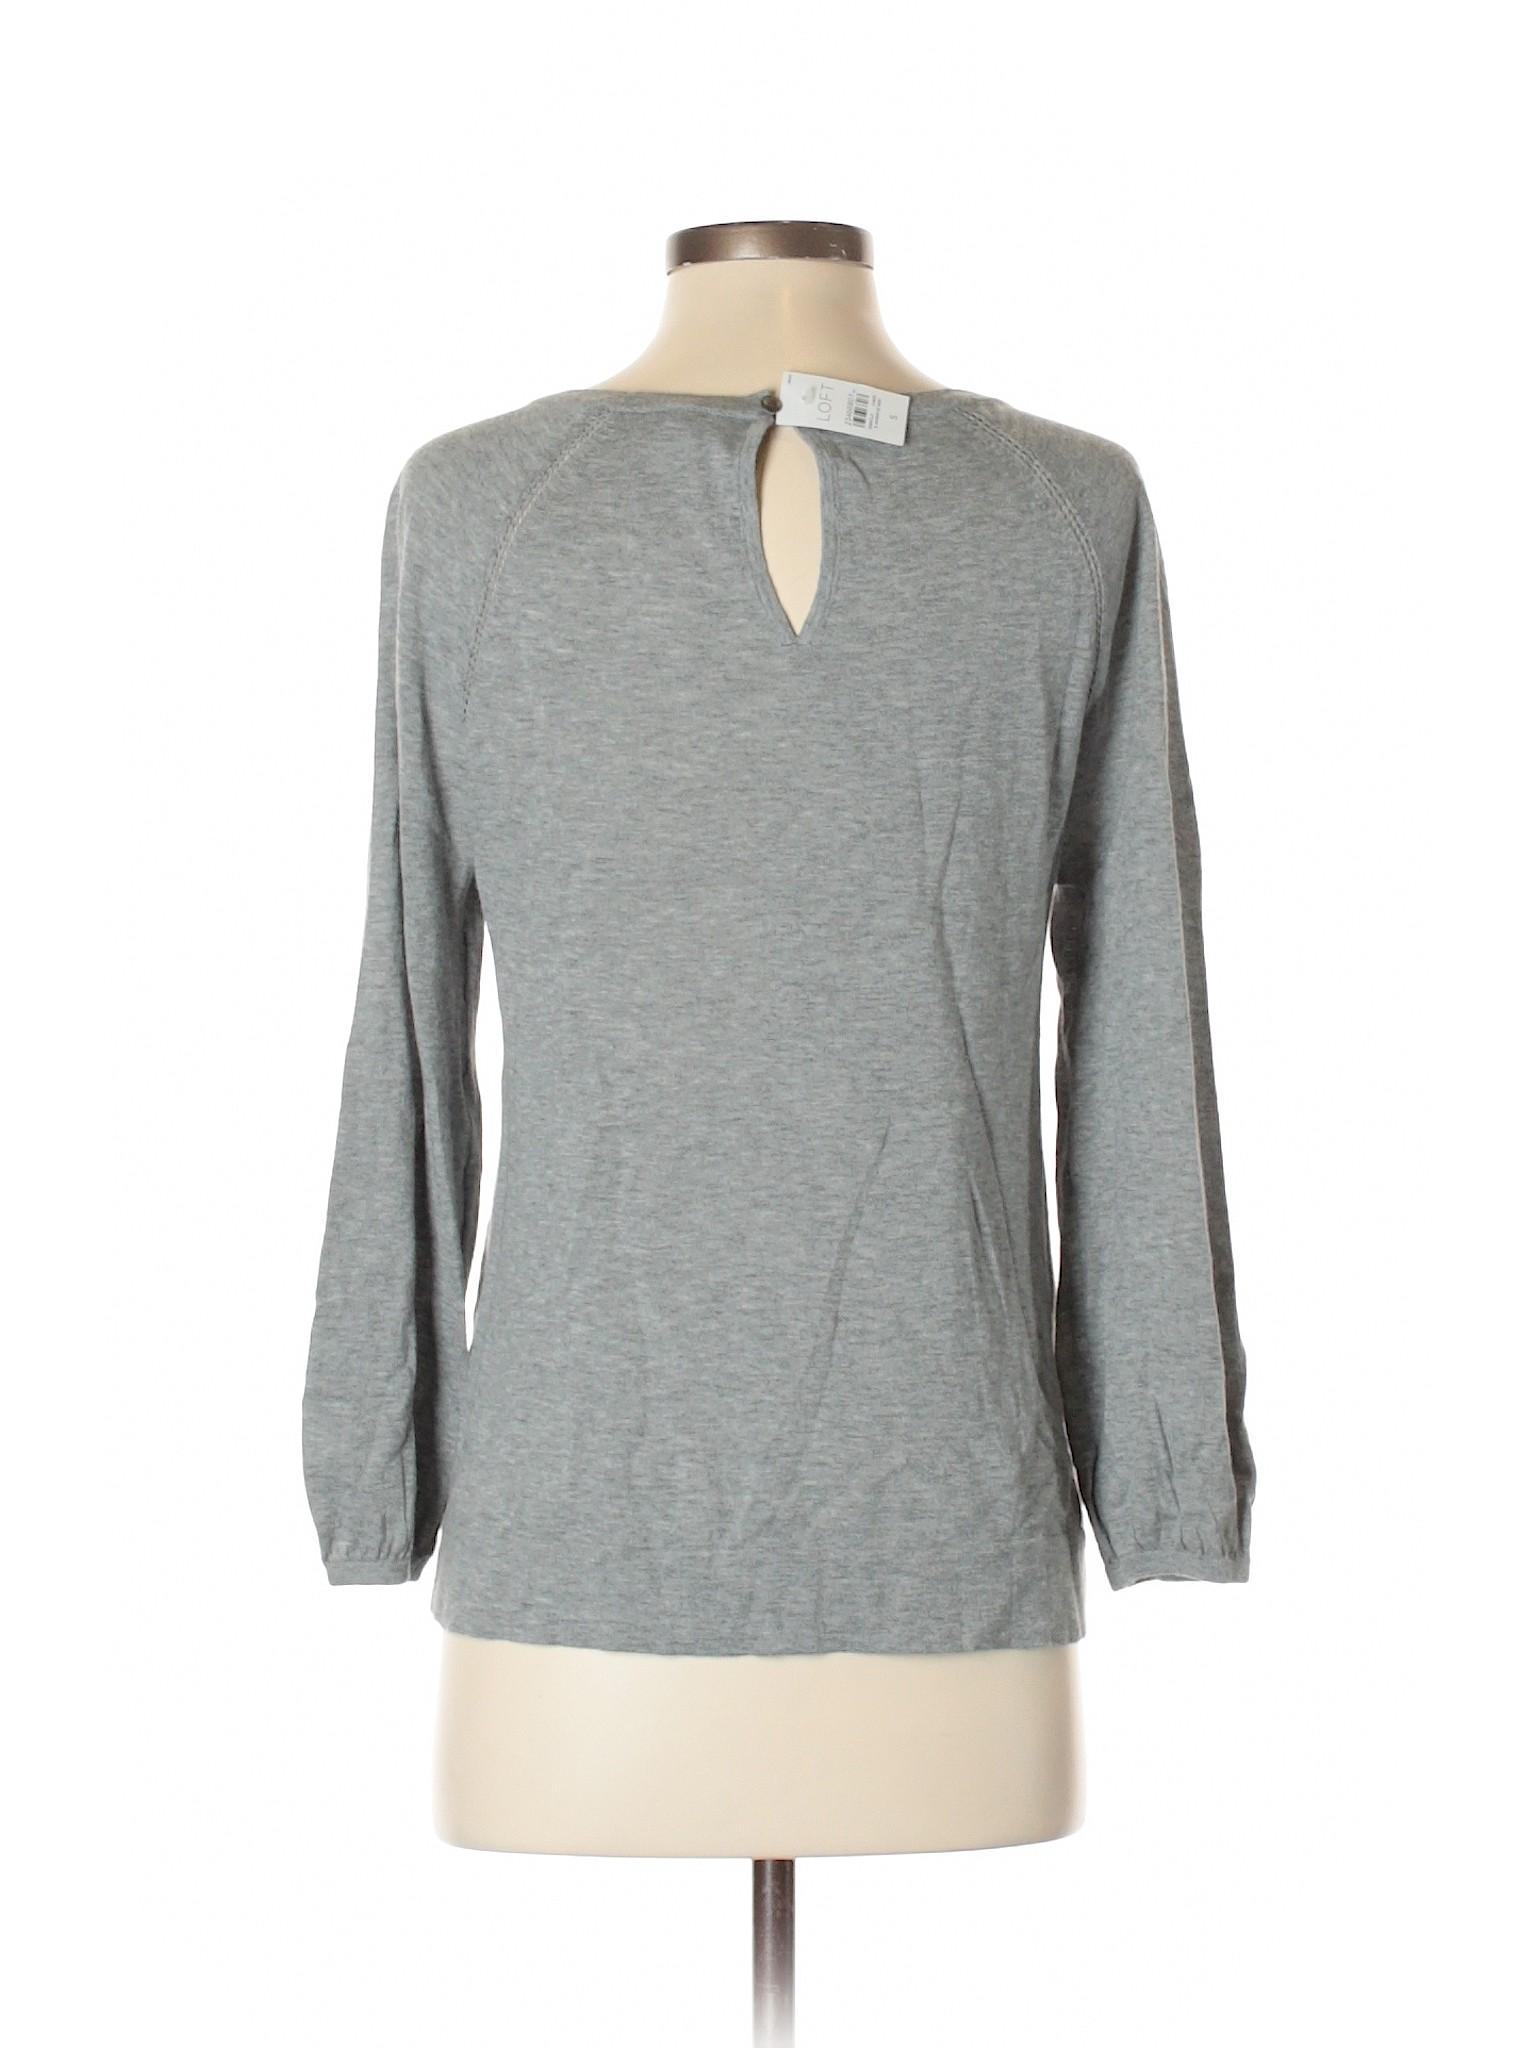 LOFT Ann Pullover Taylor Sweater Boutique RpwxvnR